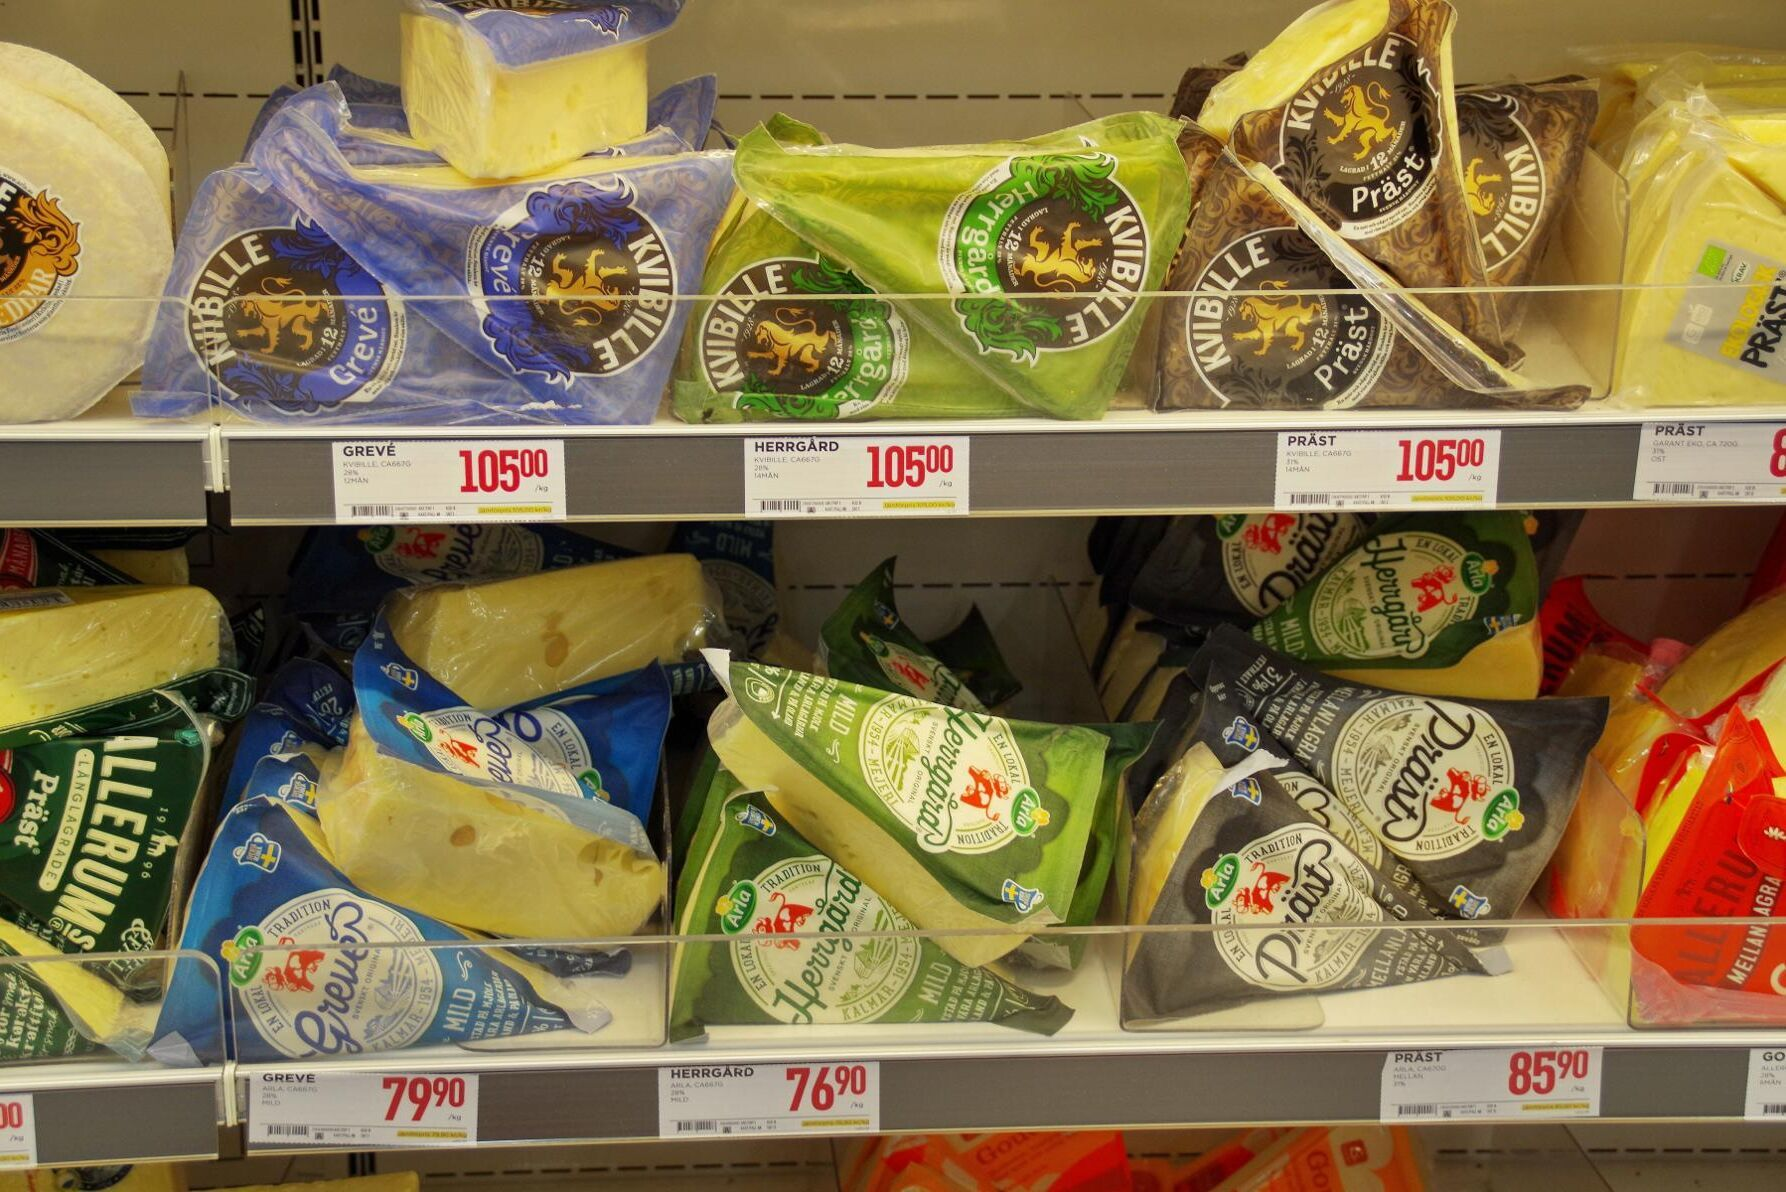 I nuläget har Svensk Mjölk licensavtal för tillverkning av de aktuella ostarna med Arla, Skånemejerier, Falköpings mejerier och Norrmejerier.